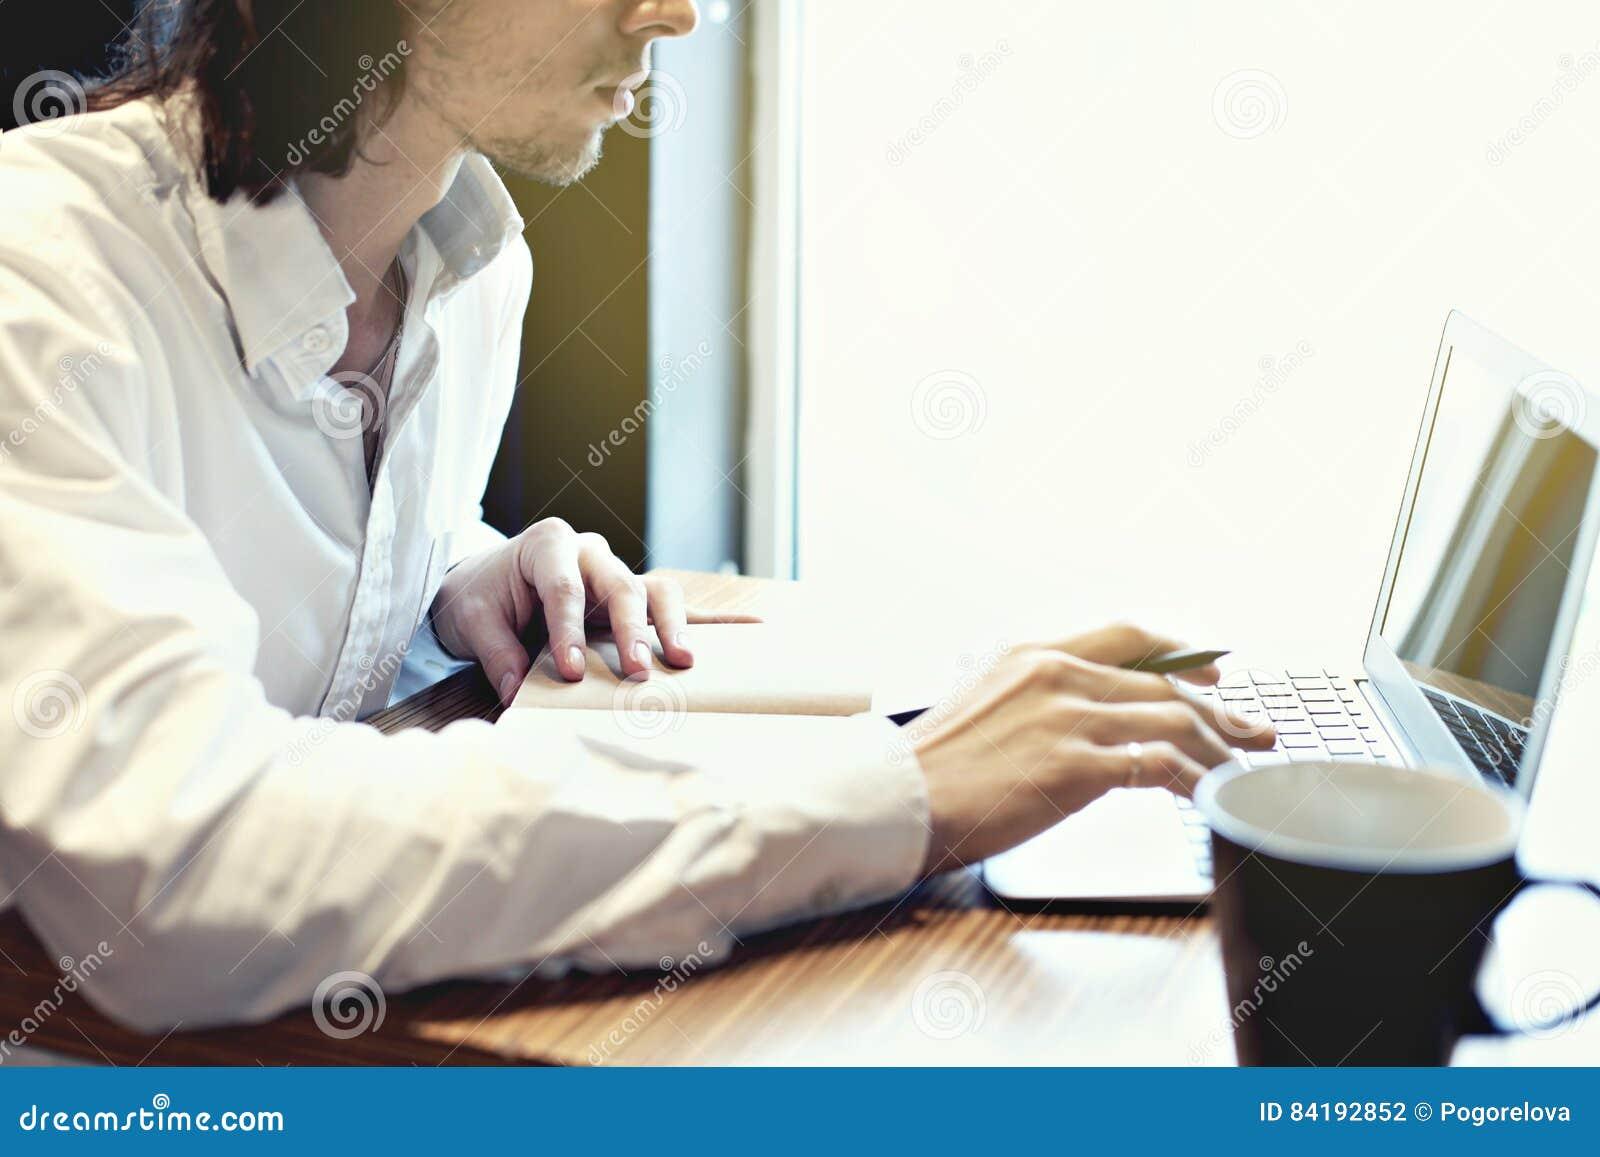 Молодые бизнесмен или студент, длинные волосы, работая сочинительство на клавиатуре около окна с открытой компьтер-книжкой